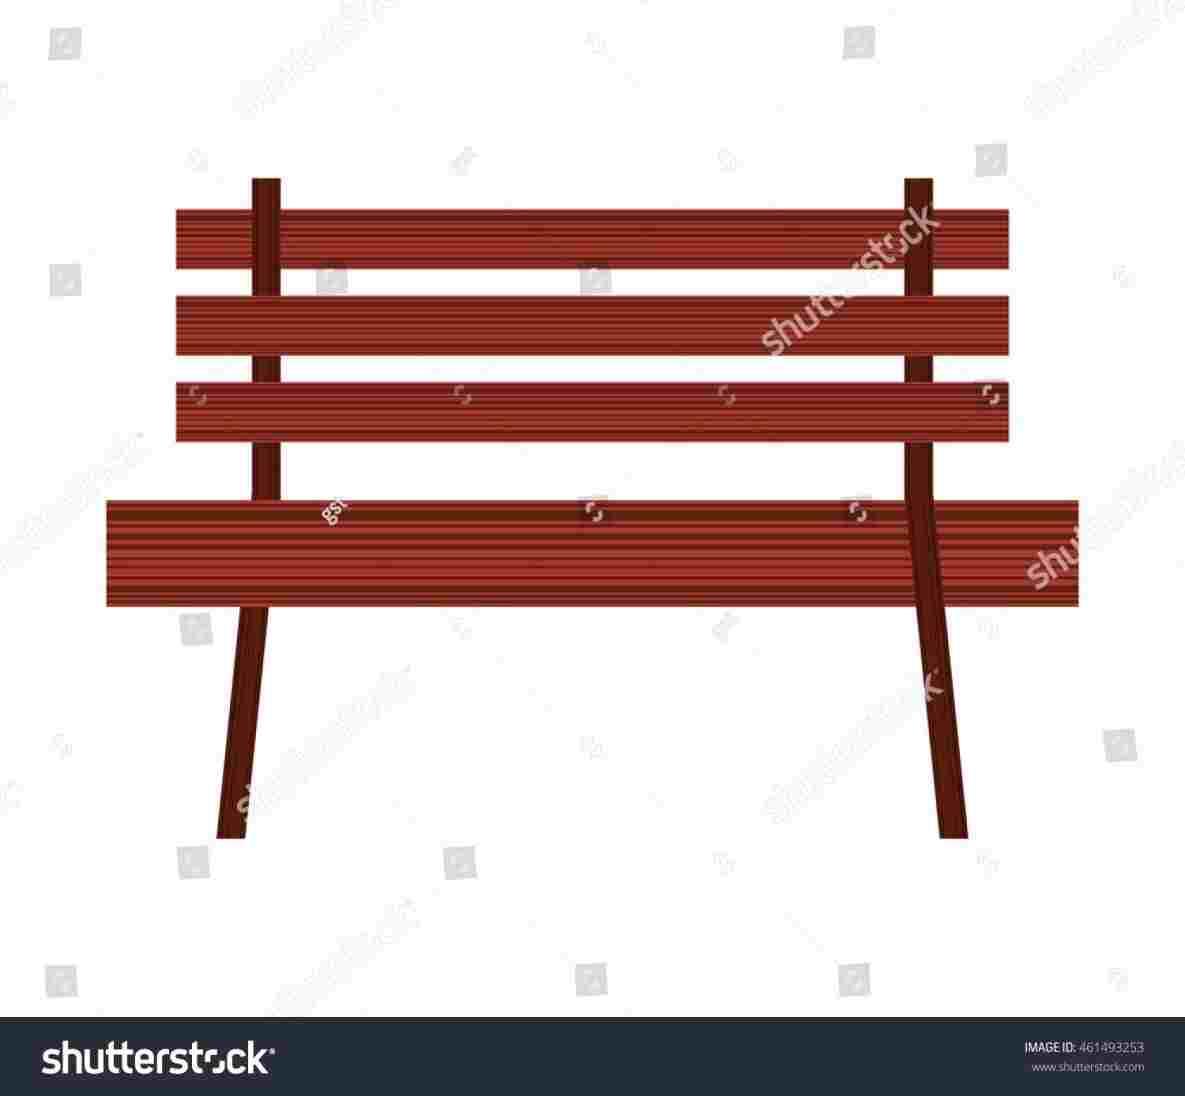 1185x1096 Park Rhkisspngcom Euclidean Park Bench Vector Png Vector Cartoon